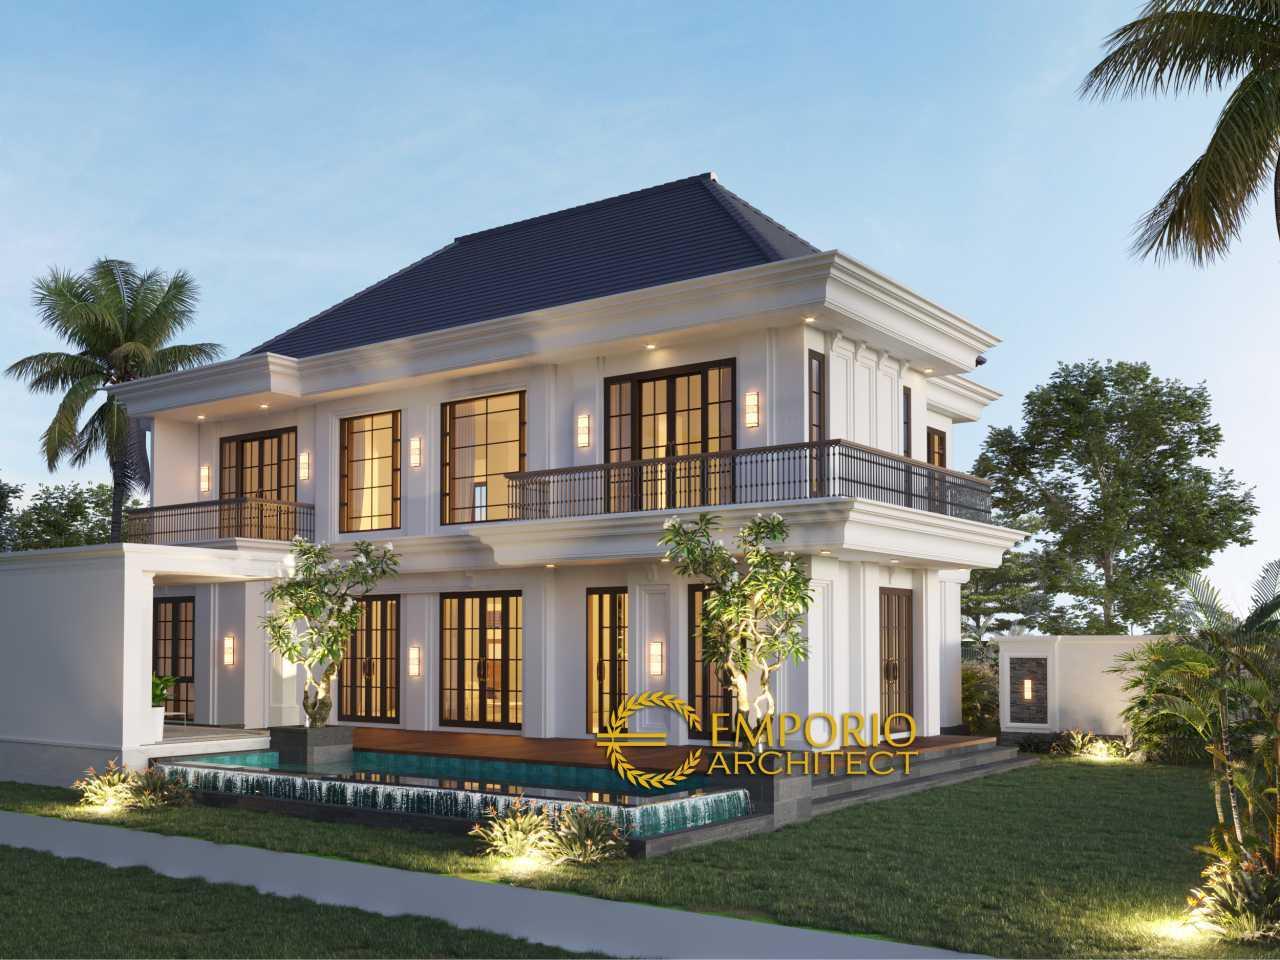 Emporio Architect Jasa Arsitek Bengkulu Desain Rumah Classic 2 Lantai 760 @ Bengkulu Bengkulu, Kota Bengkulu, Bengkulu, Indonesia Bengkulu, Kota Bengkulu, Bengkulu, Indonesia Emporio-Architect-Jasa-Arsitek-Bengkulu-Desain-Rumah-Classic-2-Lantai-760-Bengkulu  94375